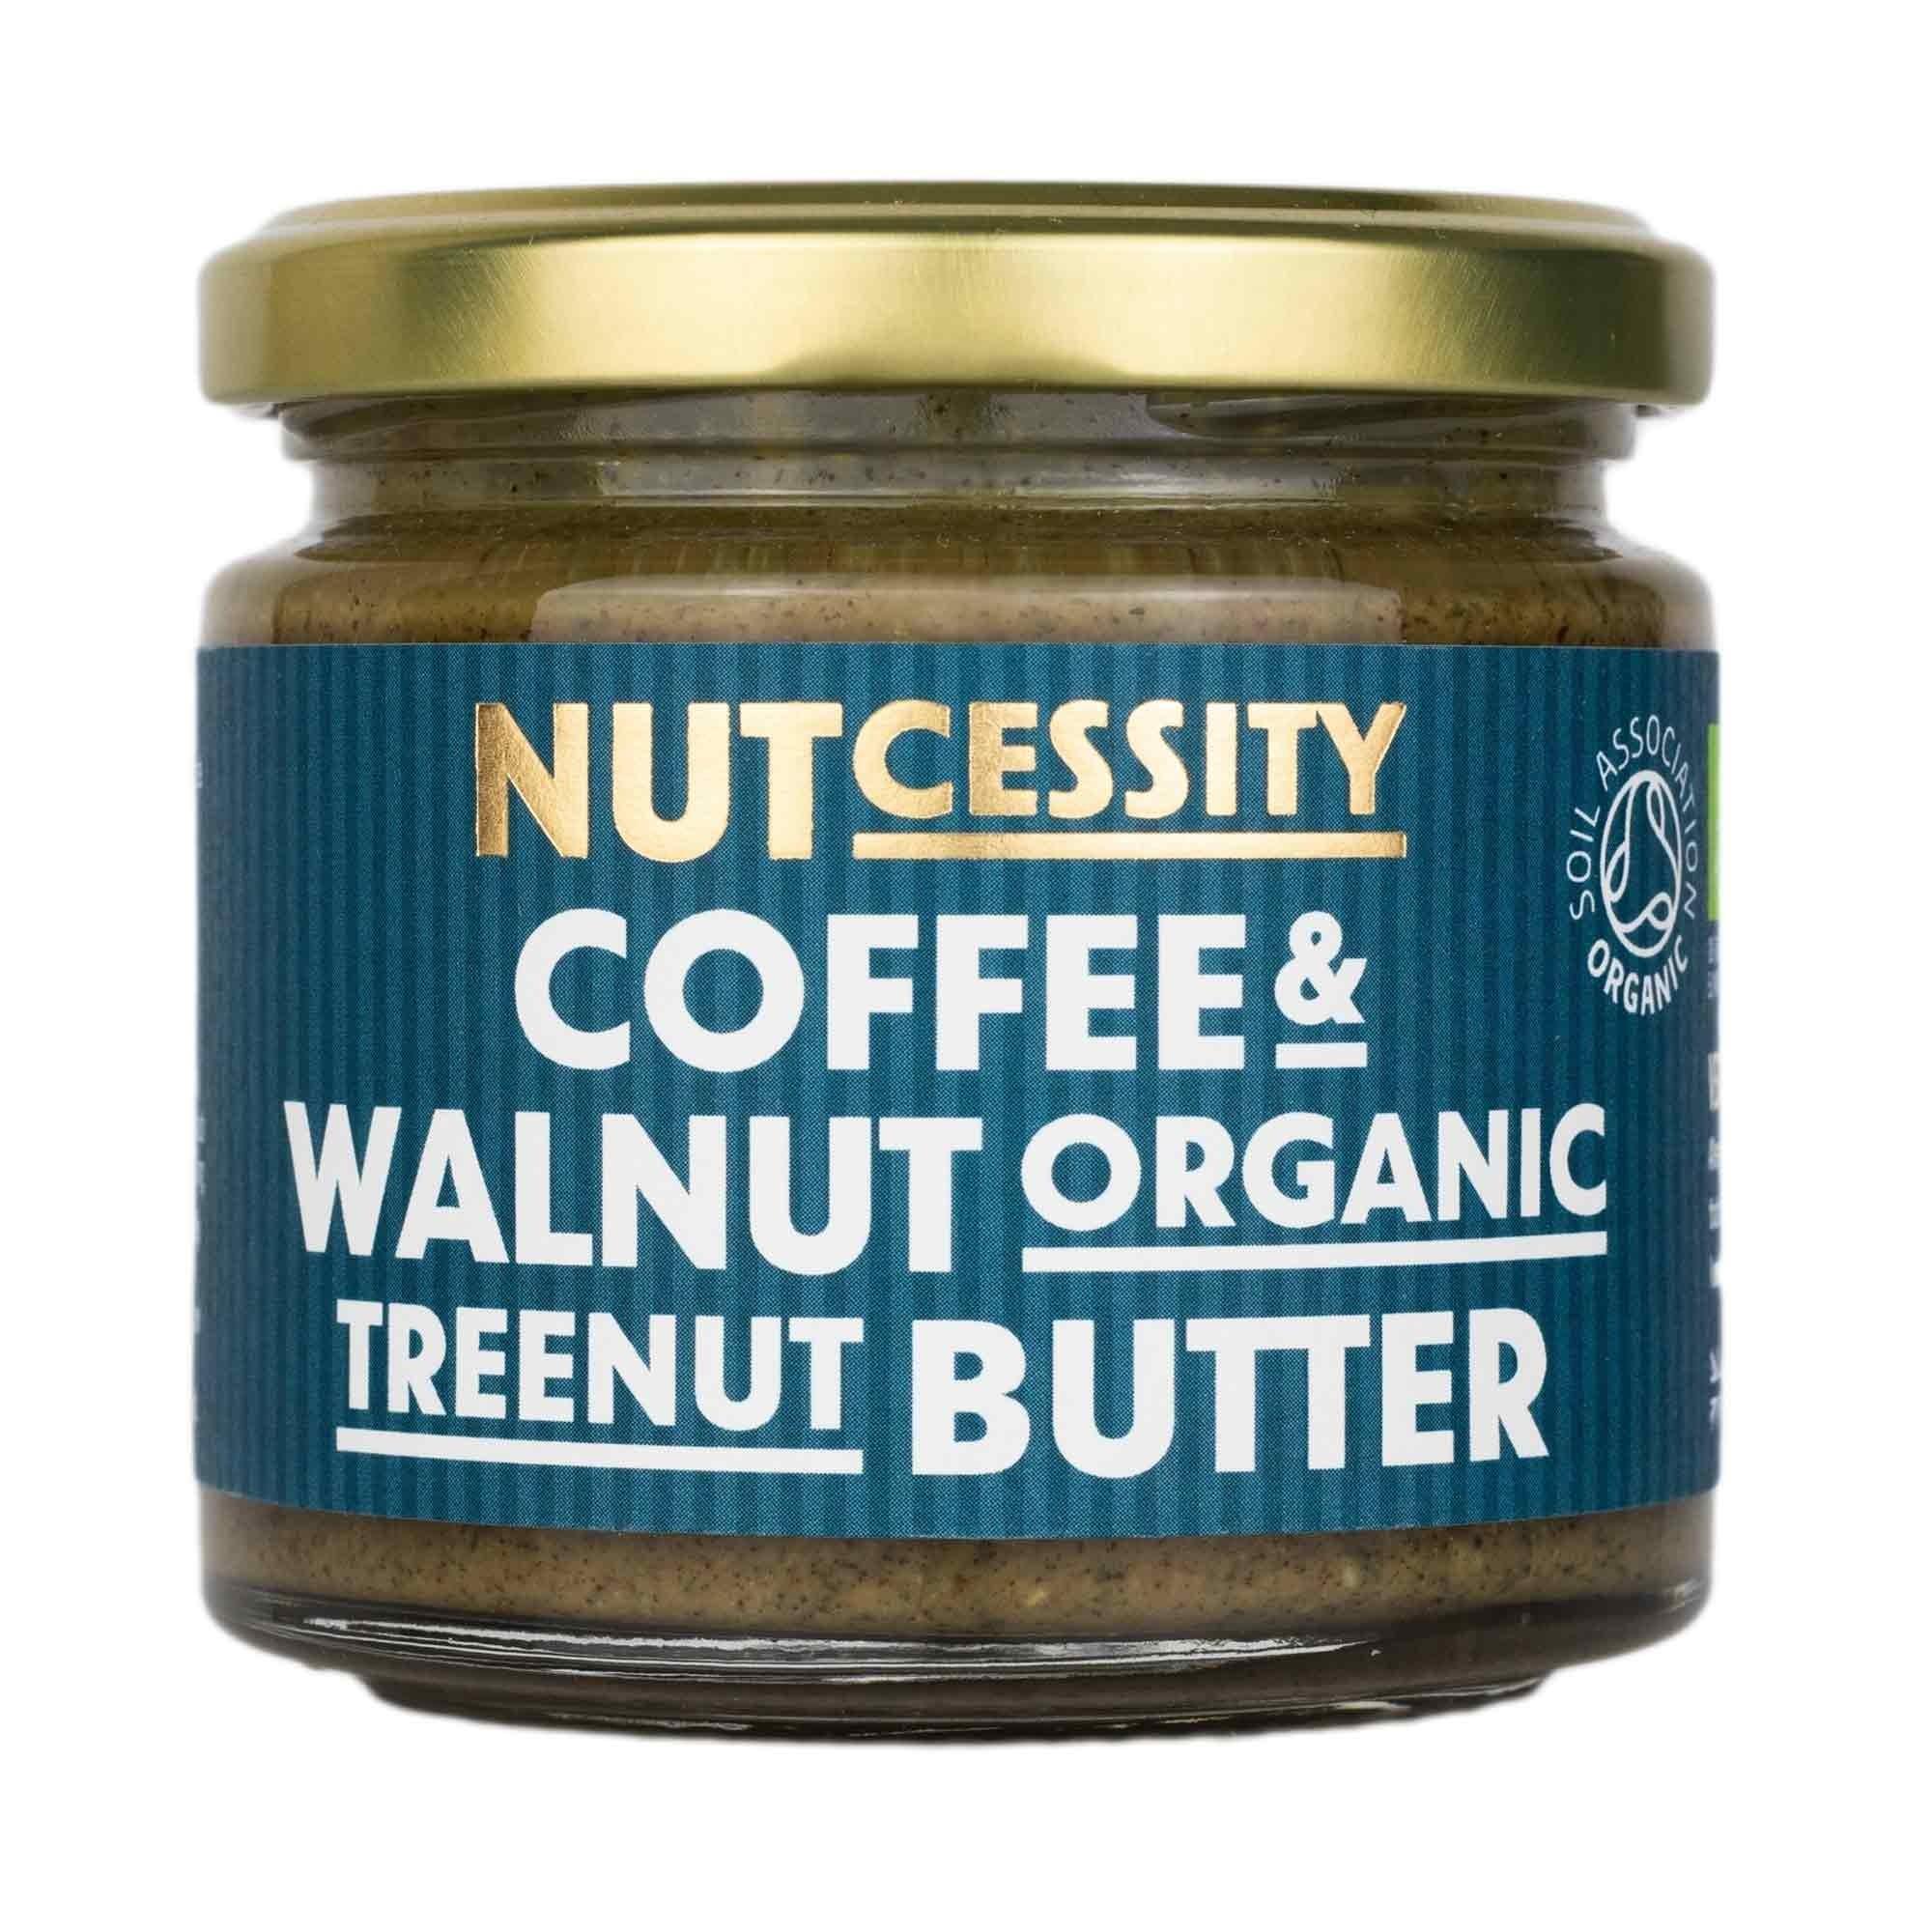 Notenboter ORGANIC koffie en walnoten pot 180gr. Nutcessity